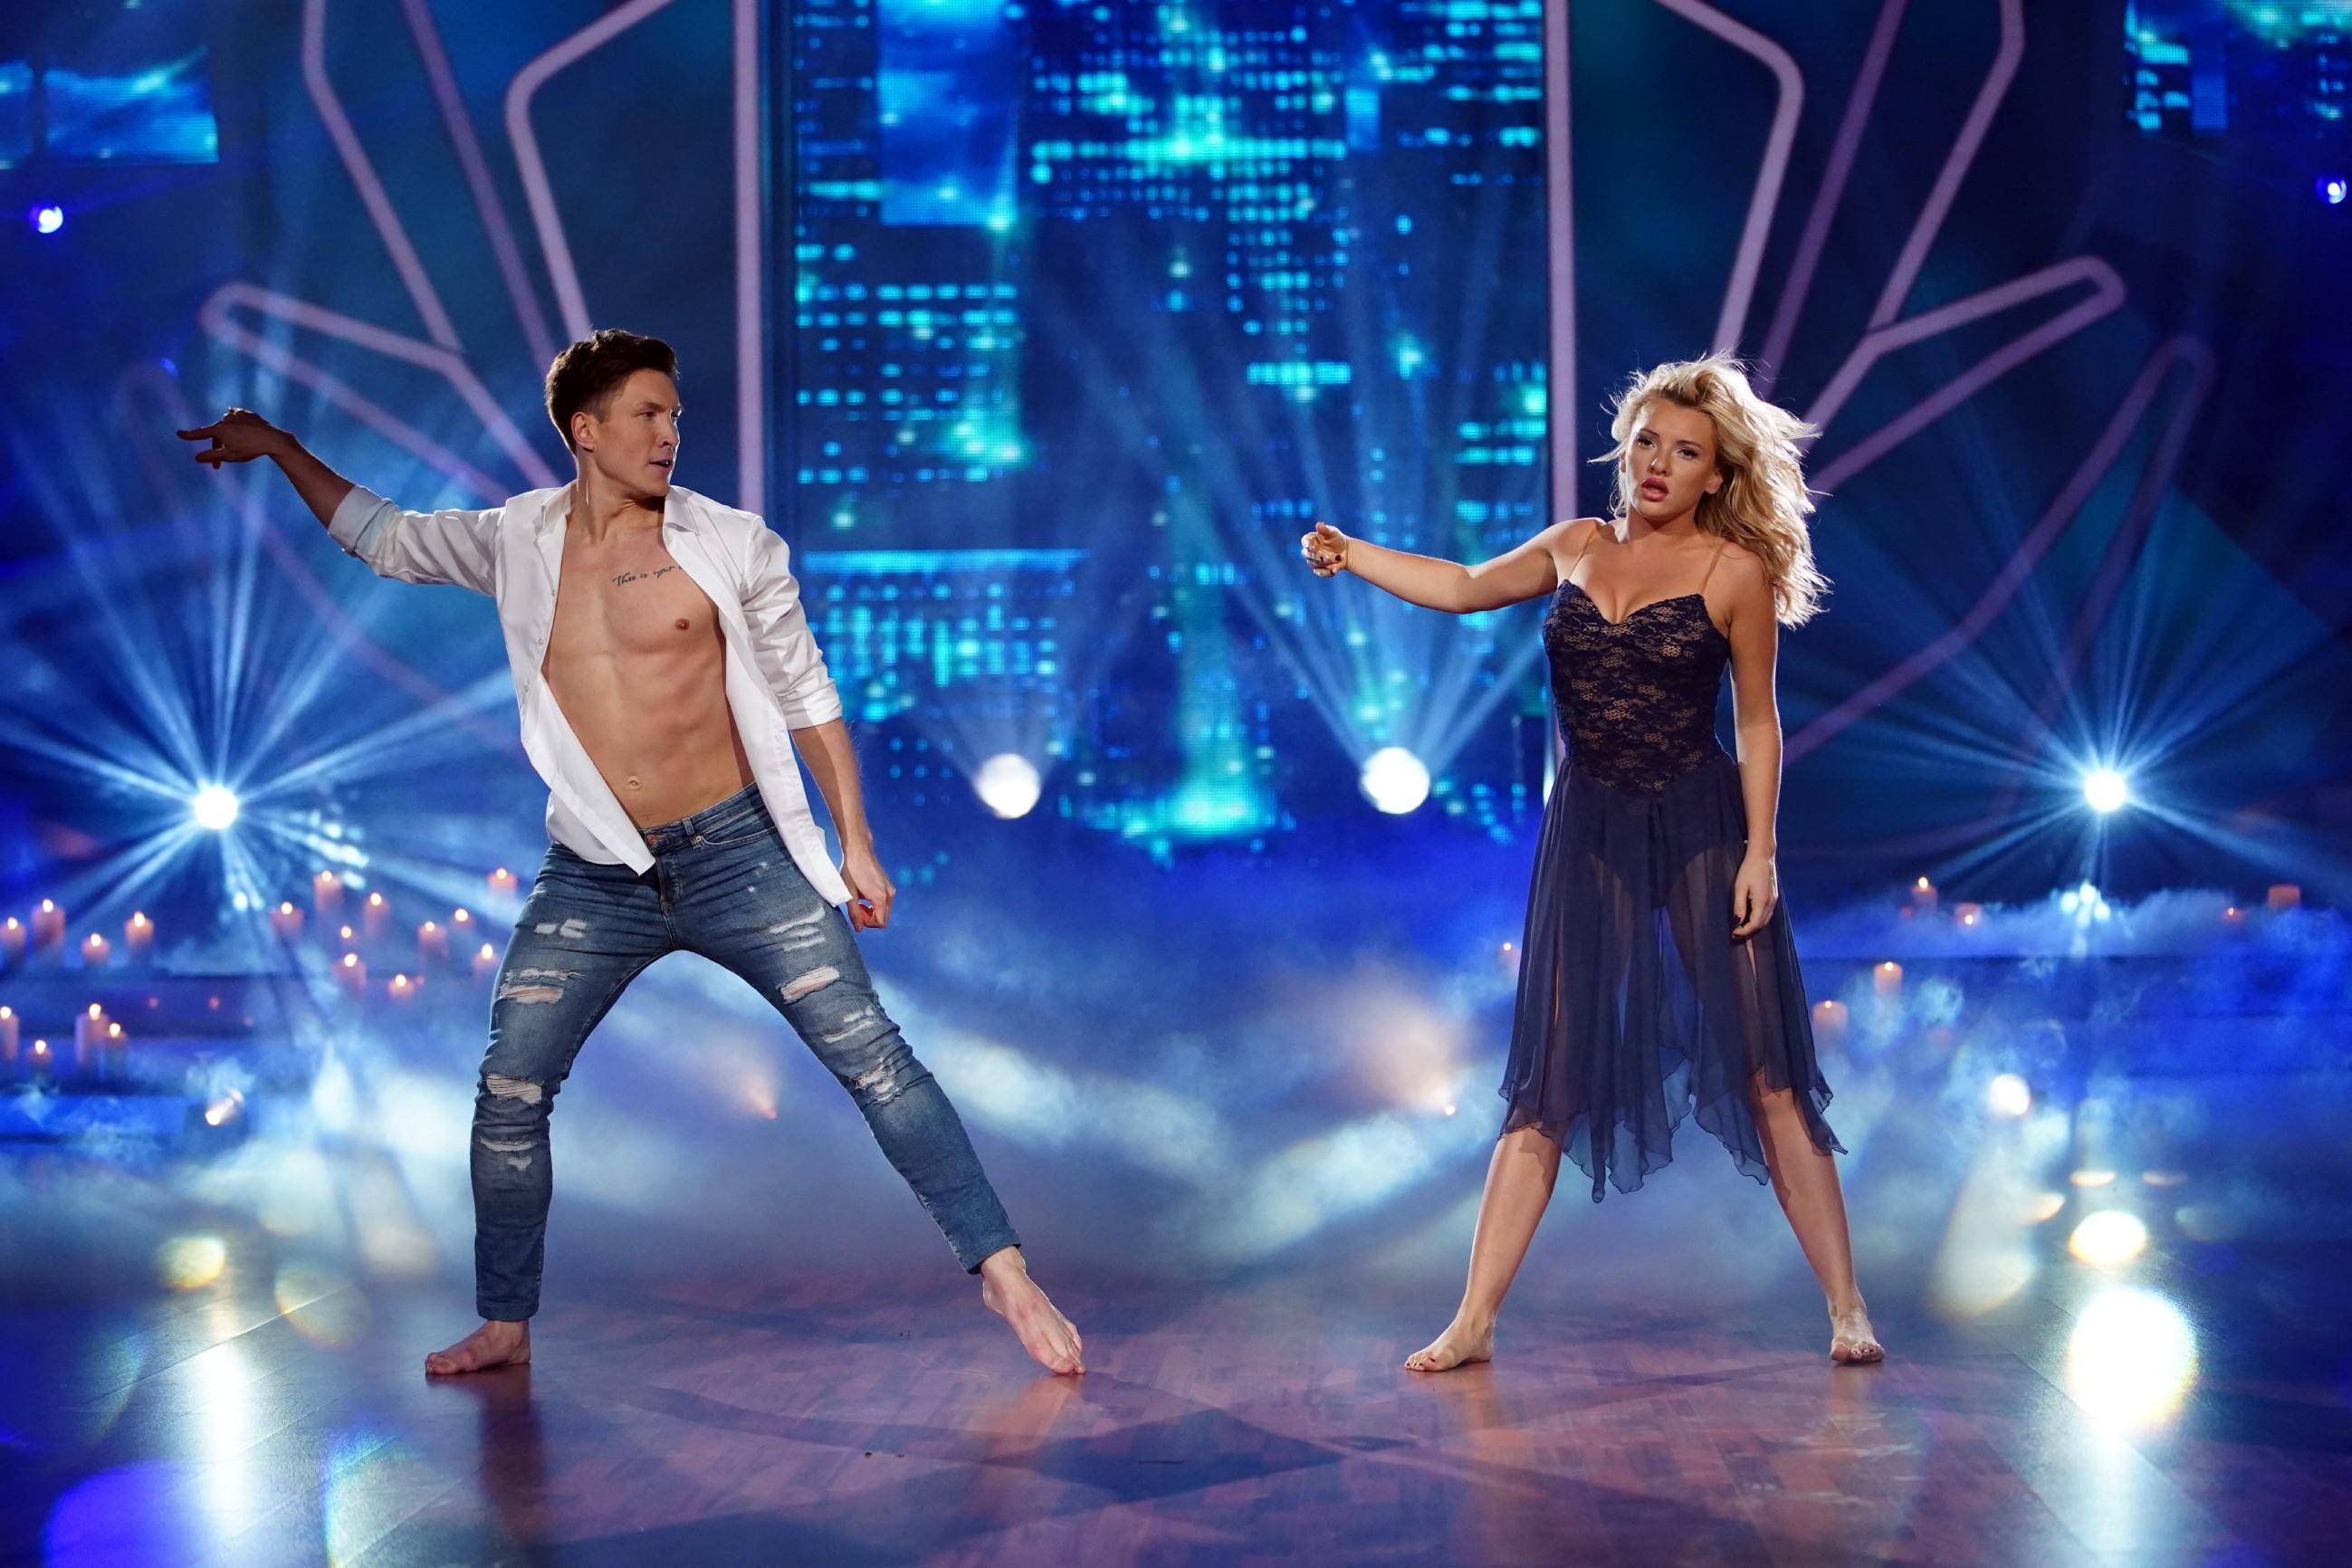 evgeny lets dance